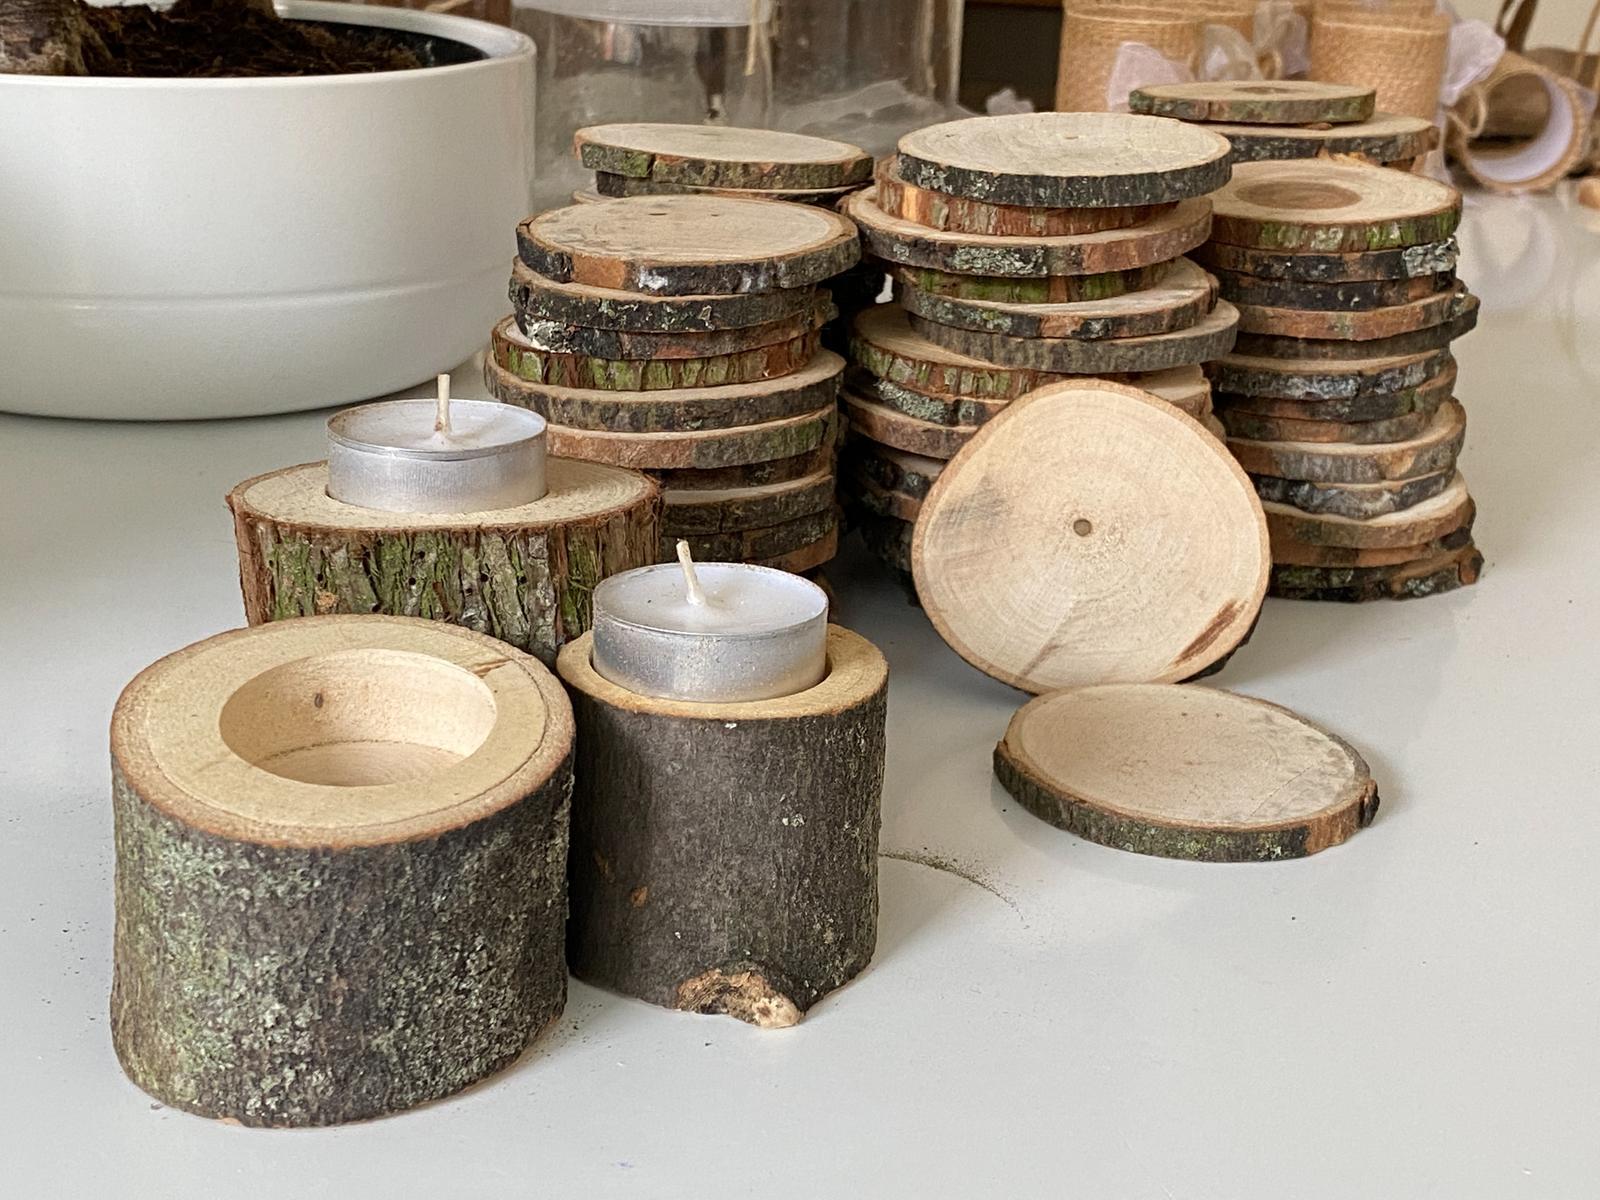 Kulatiny dřevo malé - 89 kusů - Obrázek č. 1